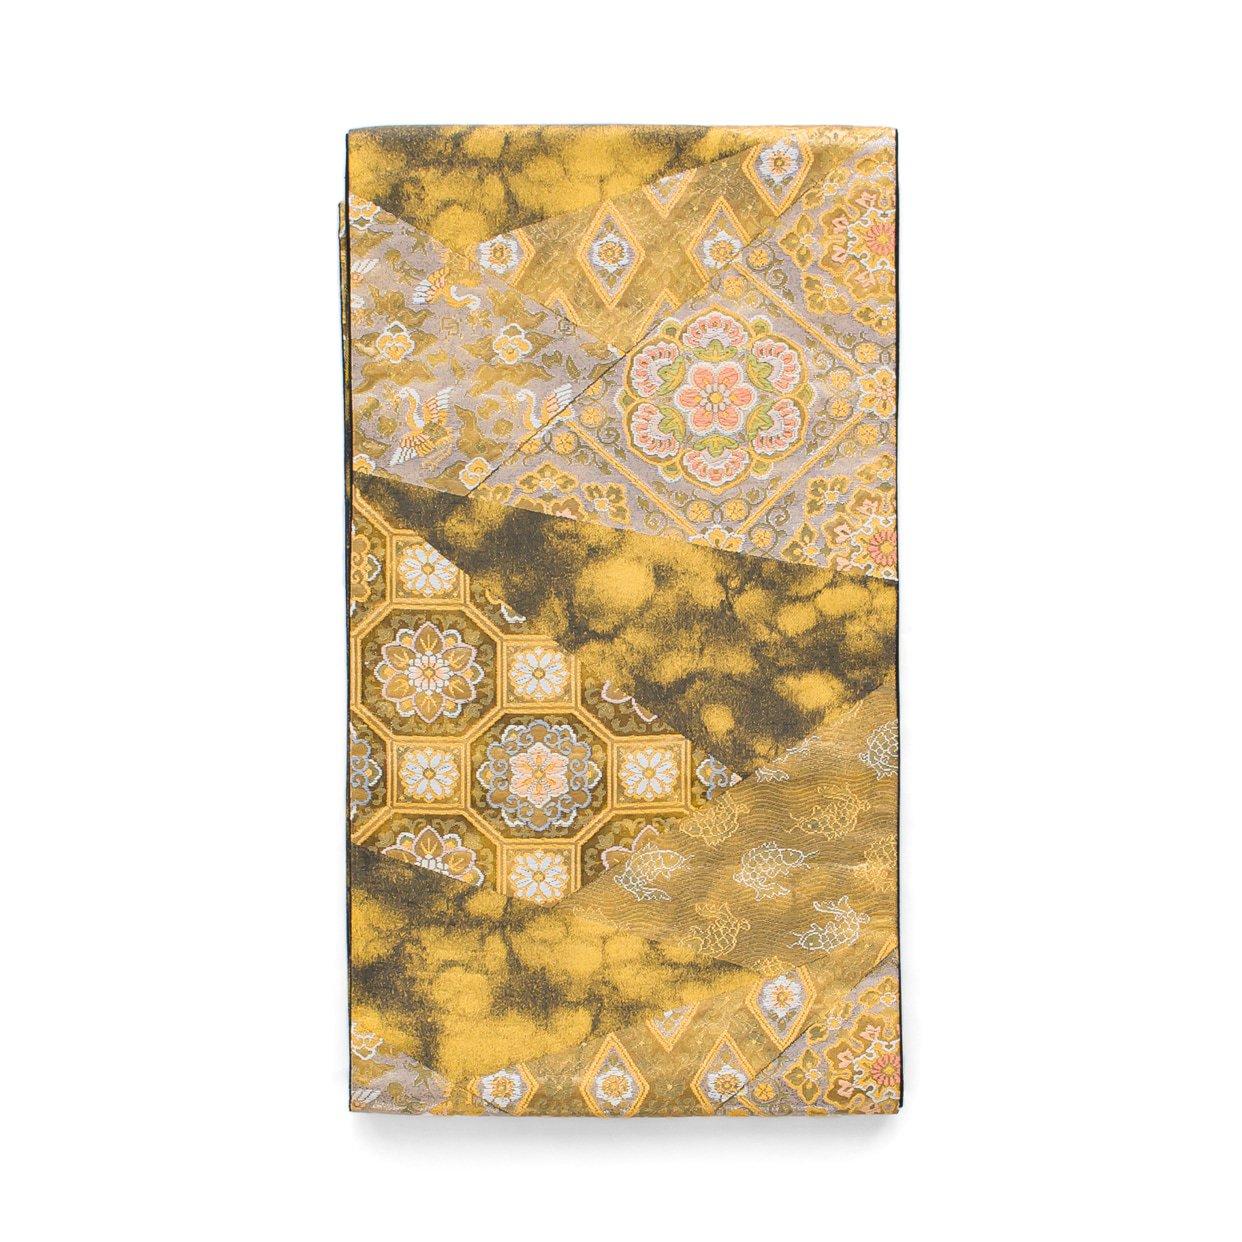 「袋帯●蜀江華紋 荒磯など」の商品画像